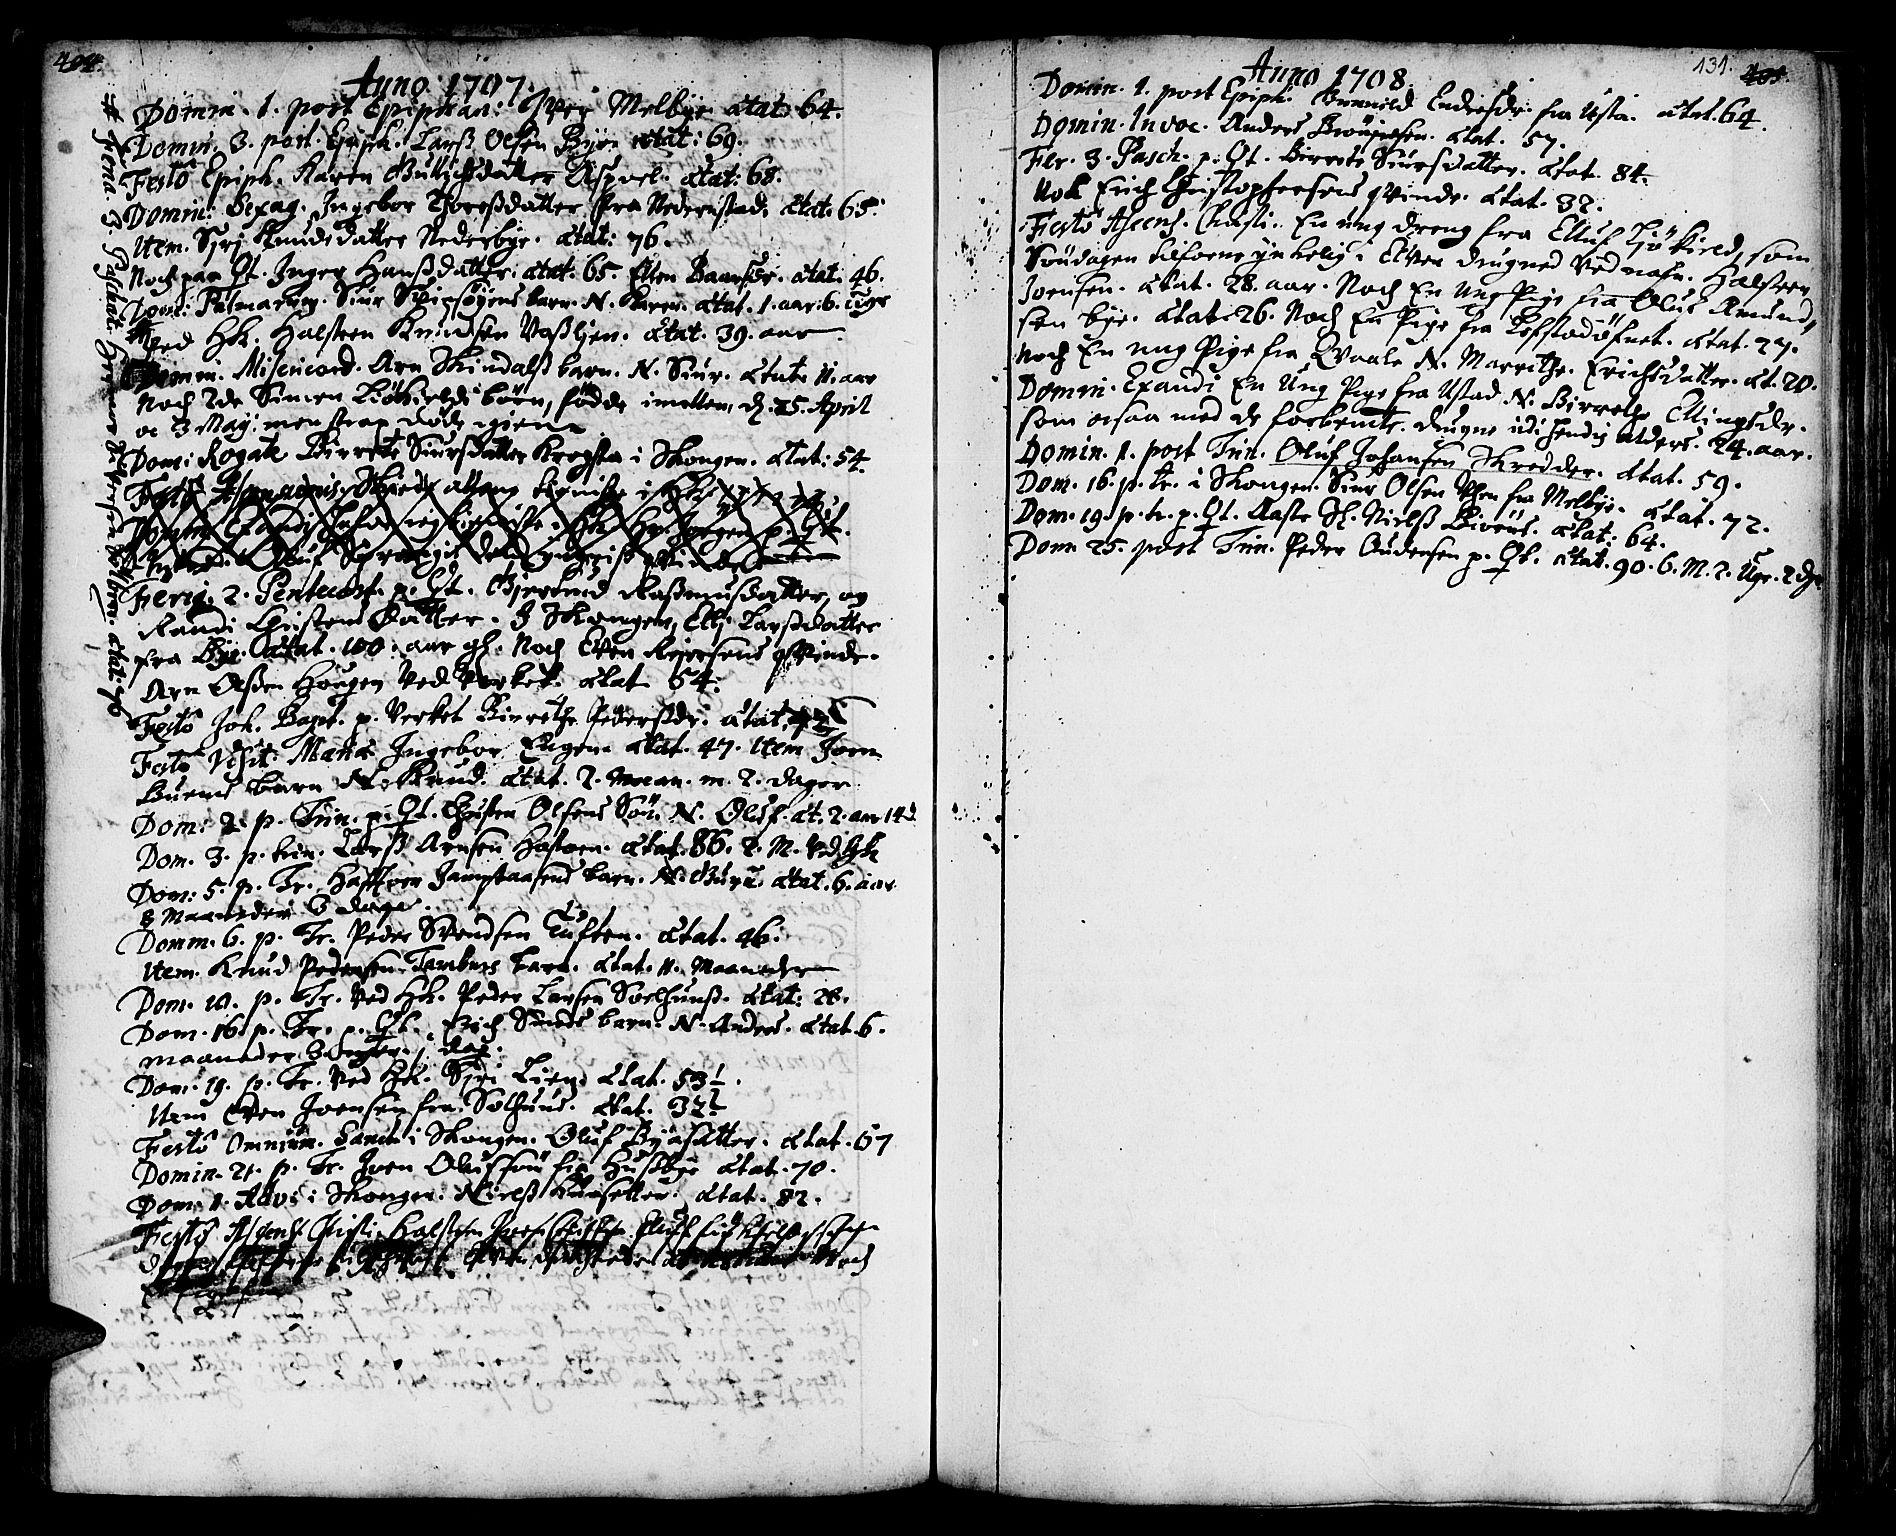 SAT, Ministerialprotokoller, klokkerbøker og fødselsregistre - Sør-Trøndelag, 668/L0801: Ministerialbok nr. 668A01, 1695-1716, s. 130-131